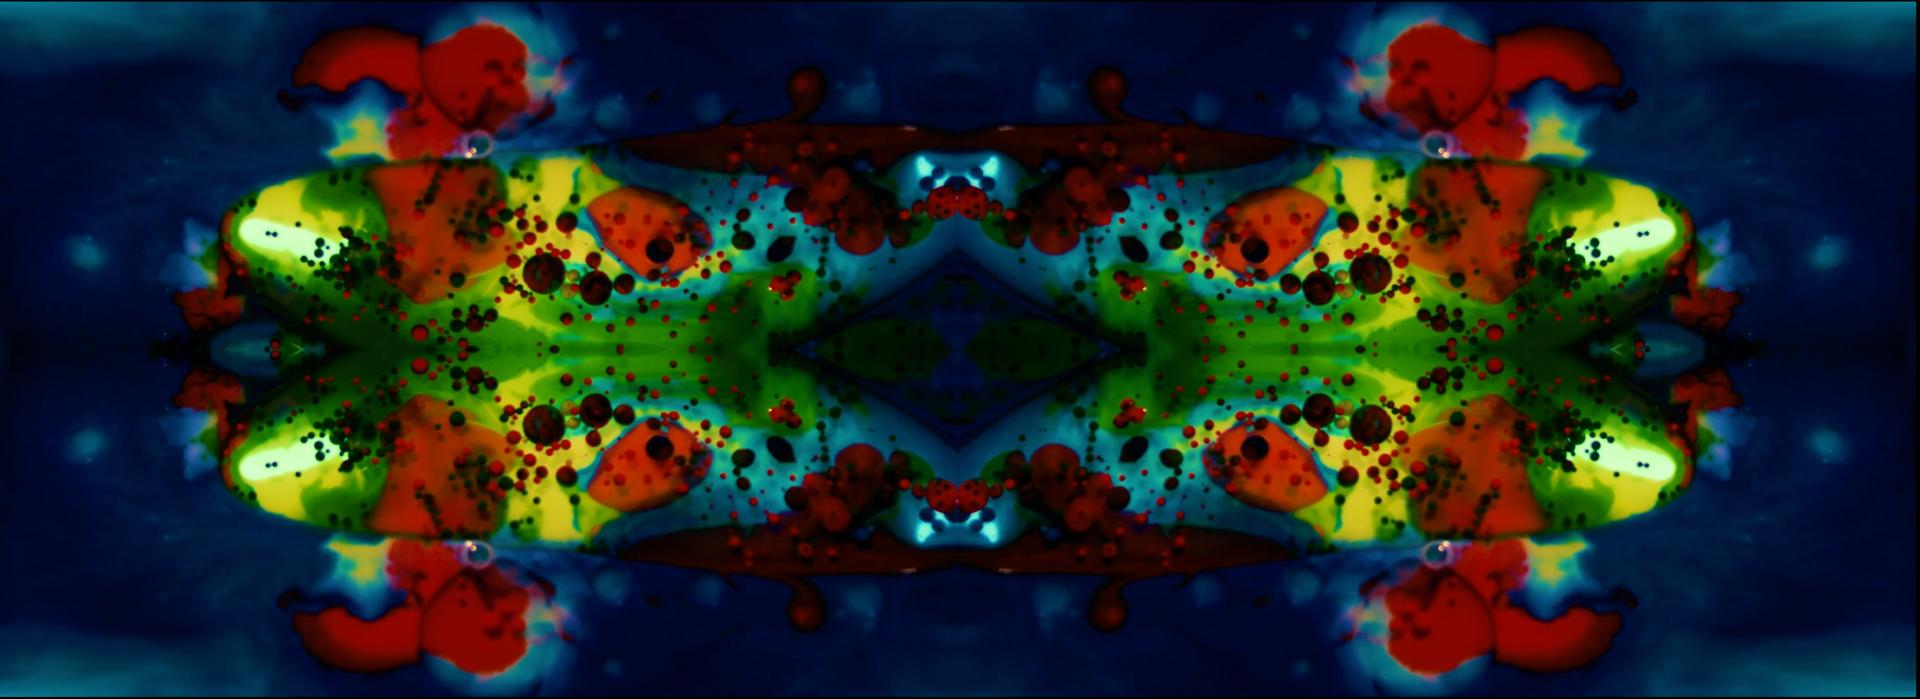 Screen Shot 2020-03-09 at 5.36.27 PM.png